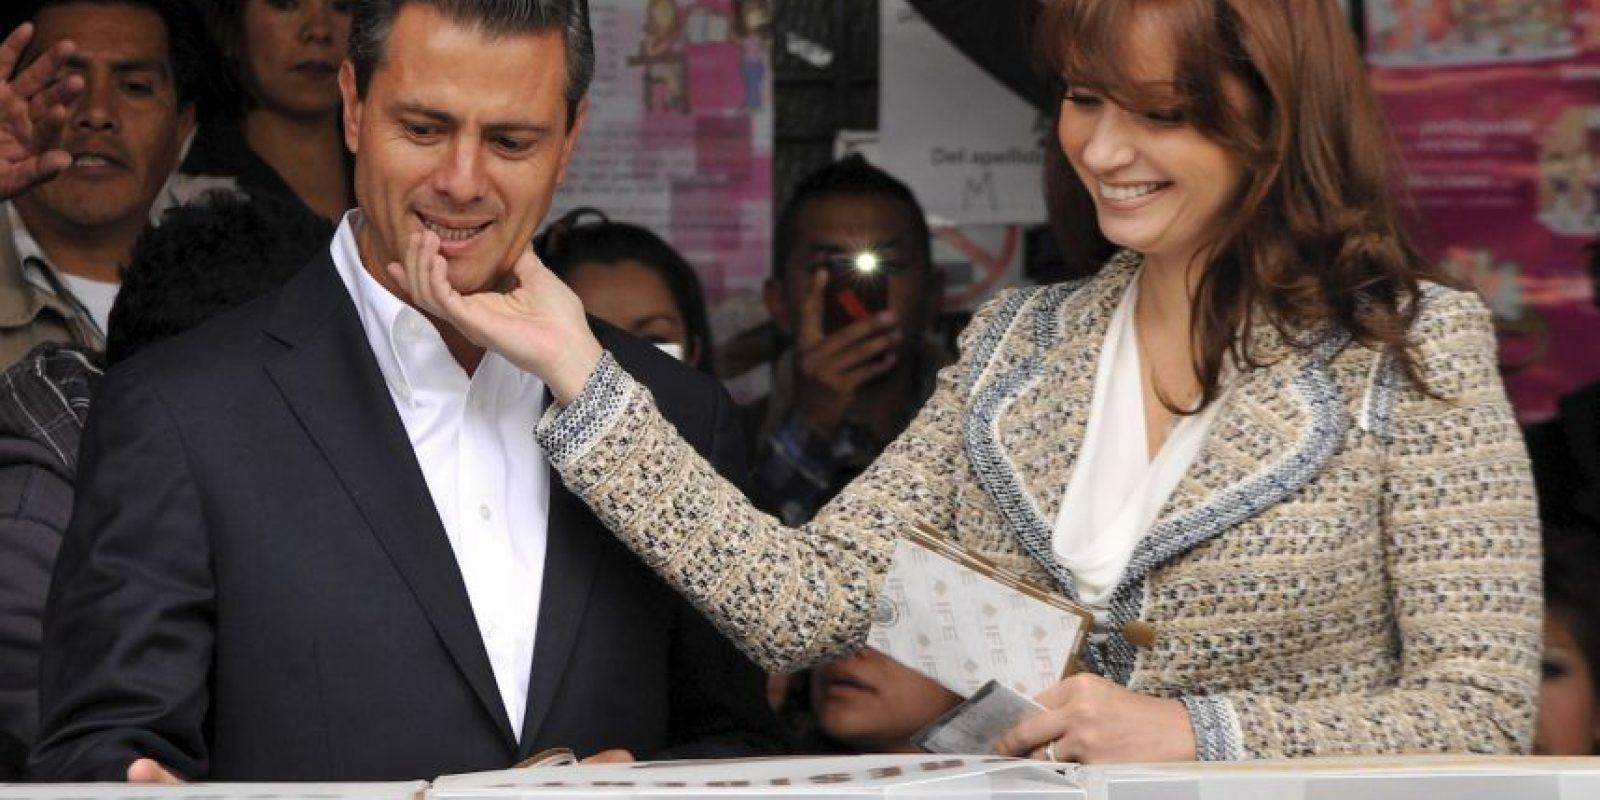 """6. """"Los eventos de las últimas horas tuvieron todos los vicios, fueron planeados con mucha anticipación, muchos recursos y mucho poder"""", dijo Carmen Aristegui a la prensa. Foto:AFP"""